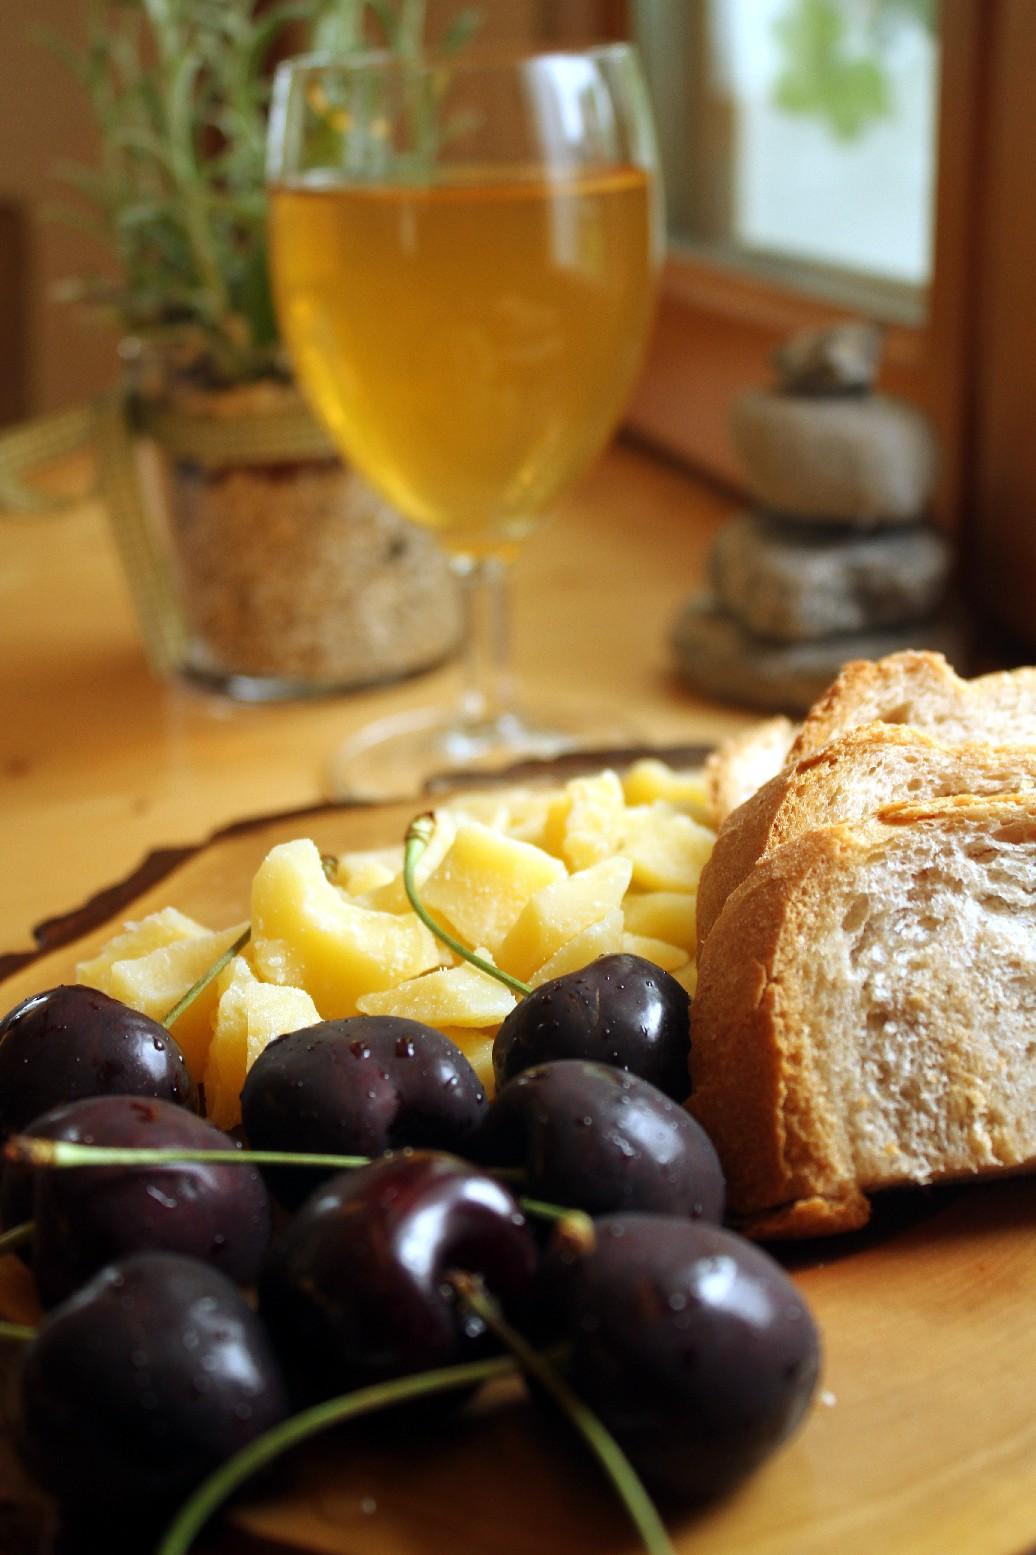 Café da tarde na fazenda de Obwalden com queijos feitos ali mesmo, suco de maçã caseiro e cerejas ainda na haste